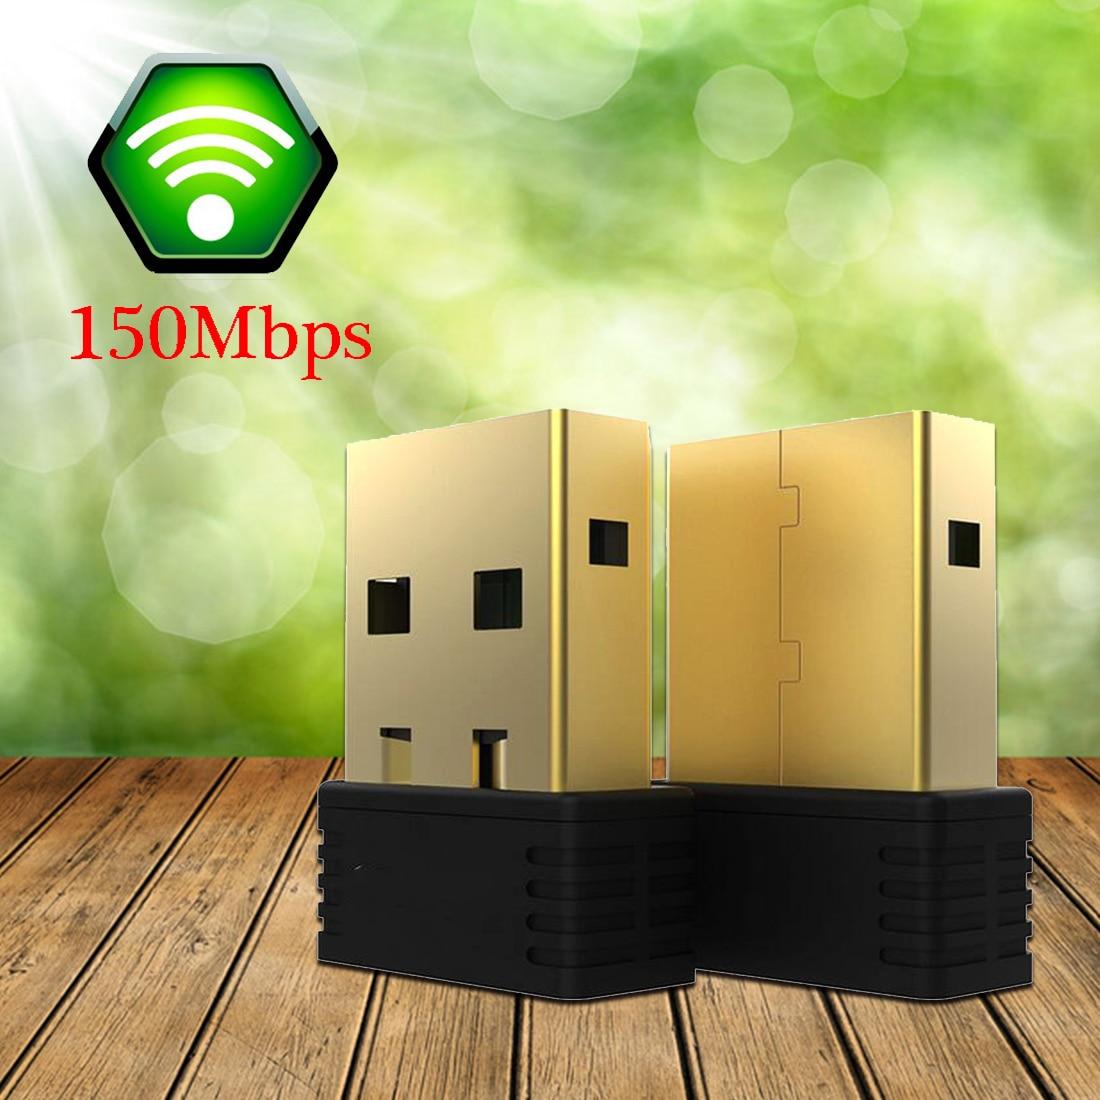 NOYOKERE-Nano Adaptador de Adaptador WiFi USB inalámbrico de 150Mbps, Dongle WiFi, tarjeta de red 802.11n/g/b LAN